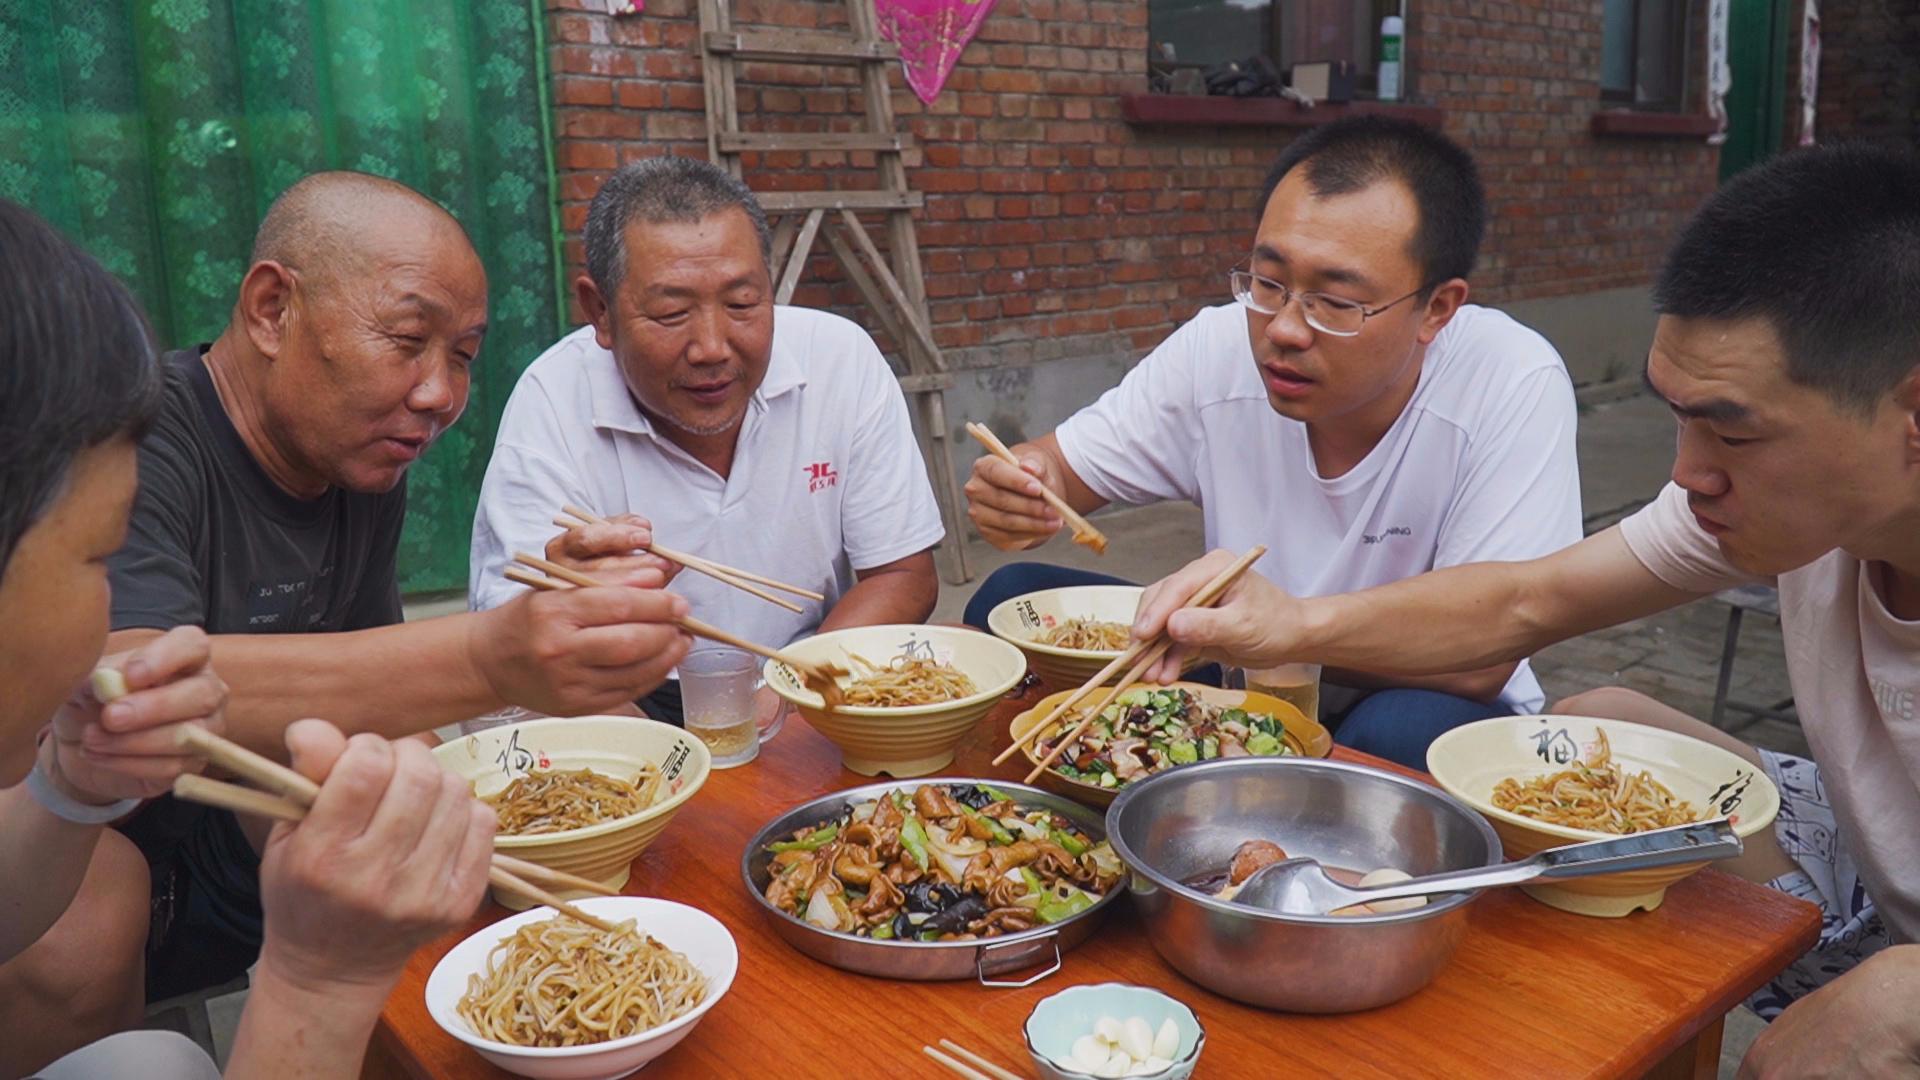 阿远炒溜肥肠,又炒了两锅炒饼,肥肠入味,朋友吃了三大碗才饱